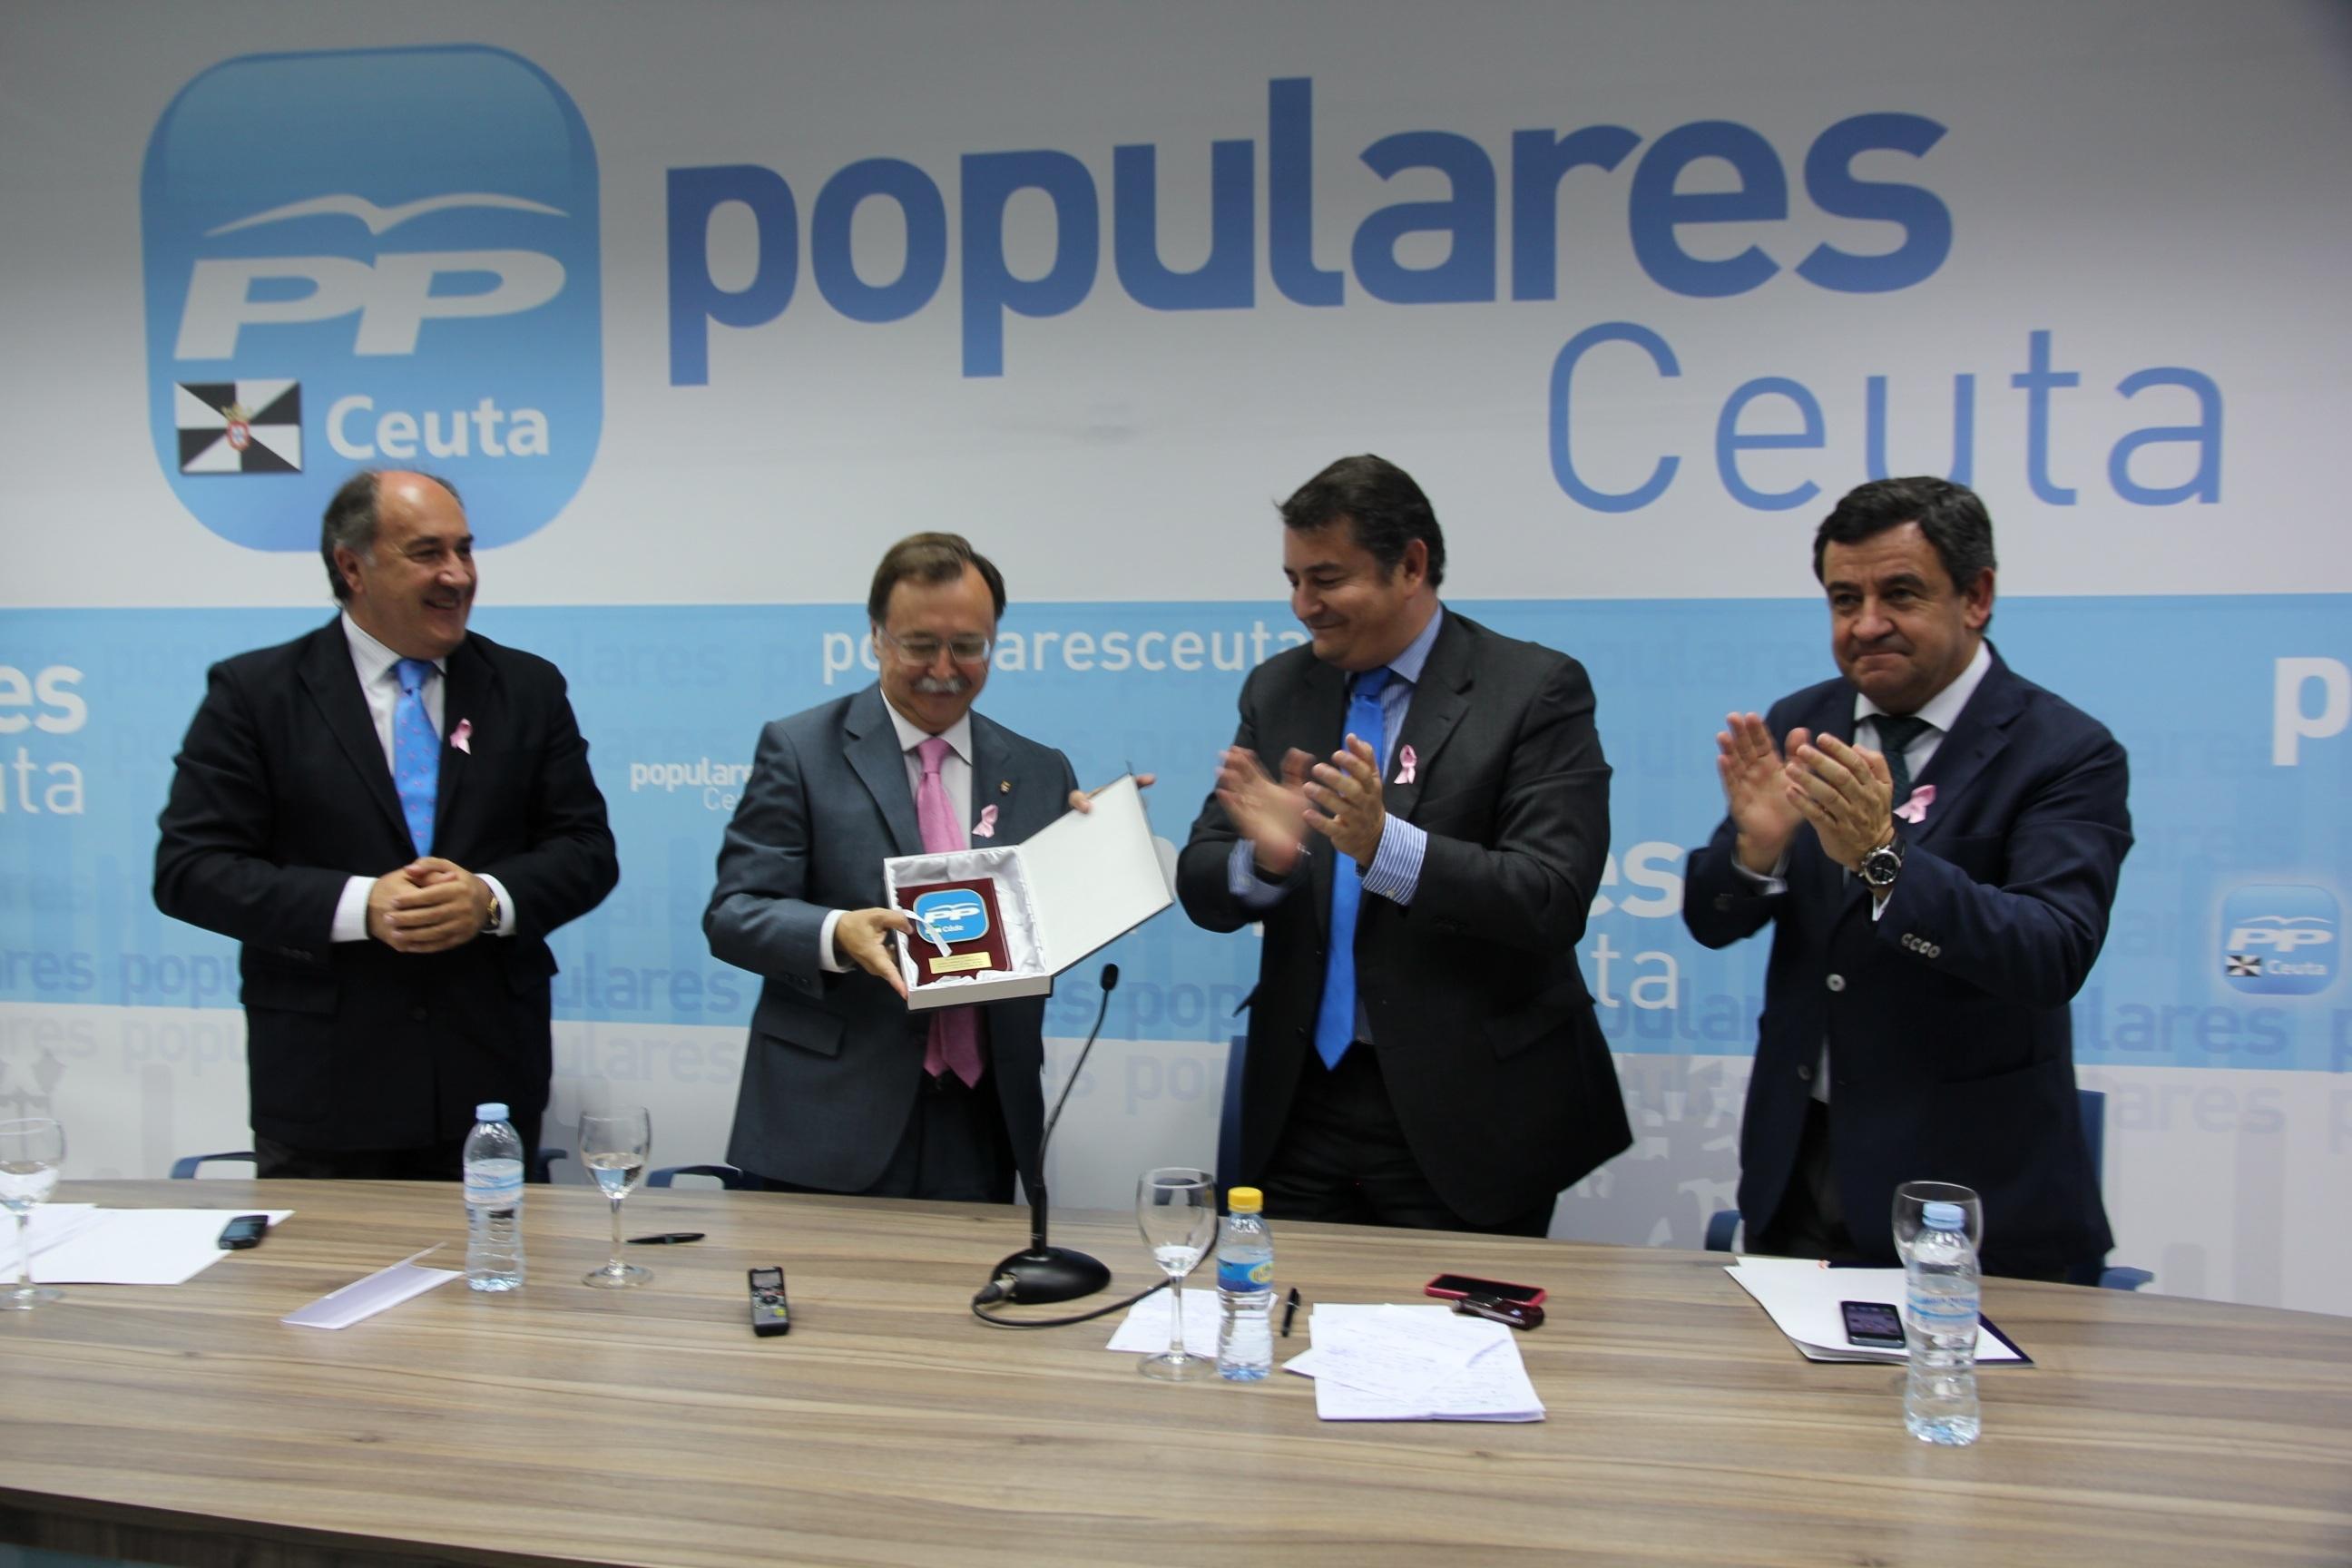 El PP de Cádiz reprocha a Susana Díaz que «los andaluces no comen de grandes titulares»